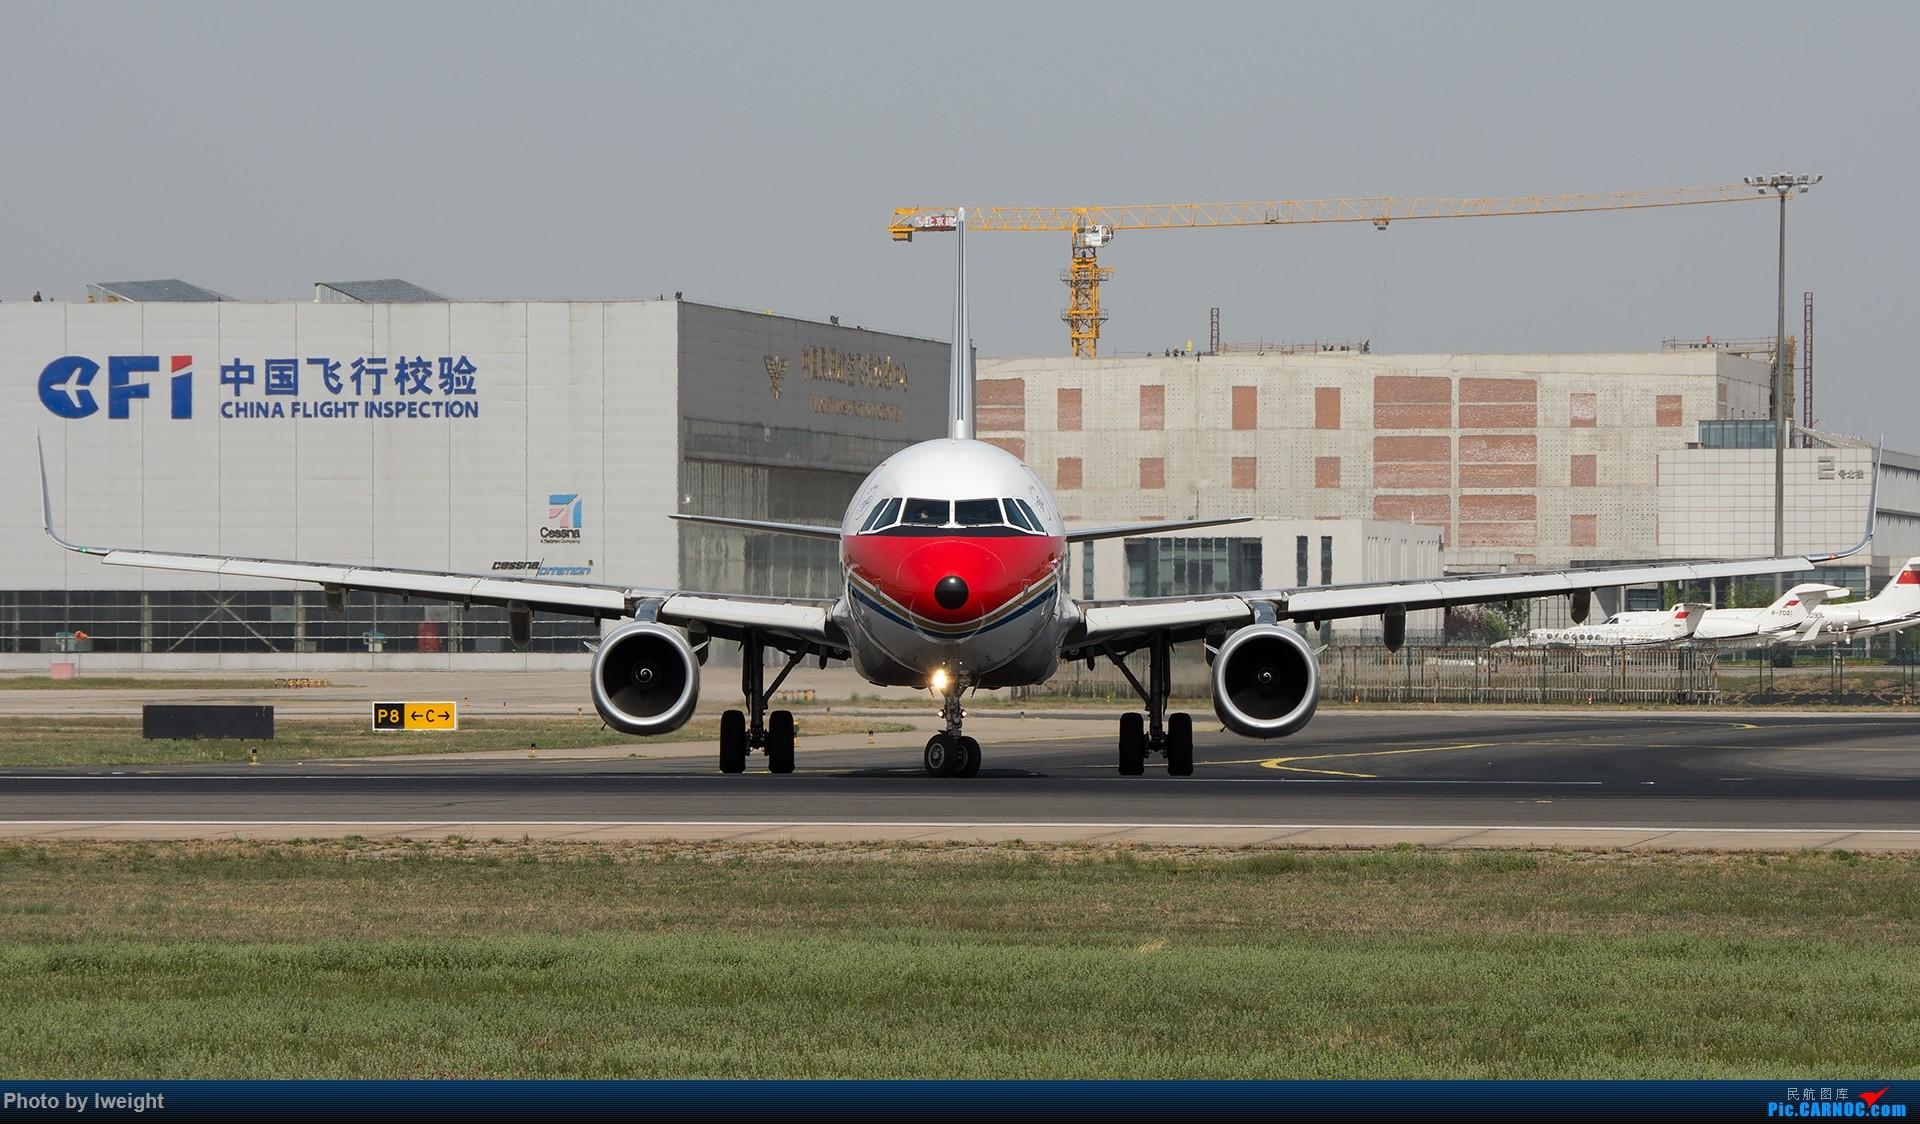 Re:[原创]天气晴朗,继续守候18R【多图】 AIRBUS A321-200 B-9905 中国北京首都国际机场